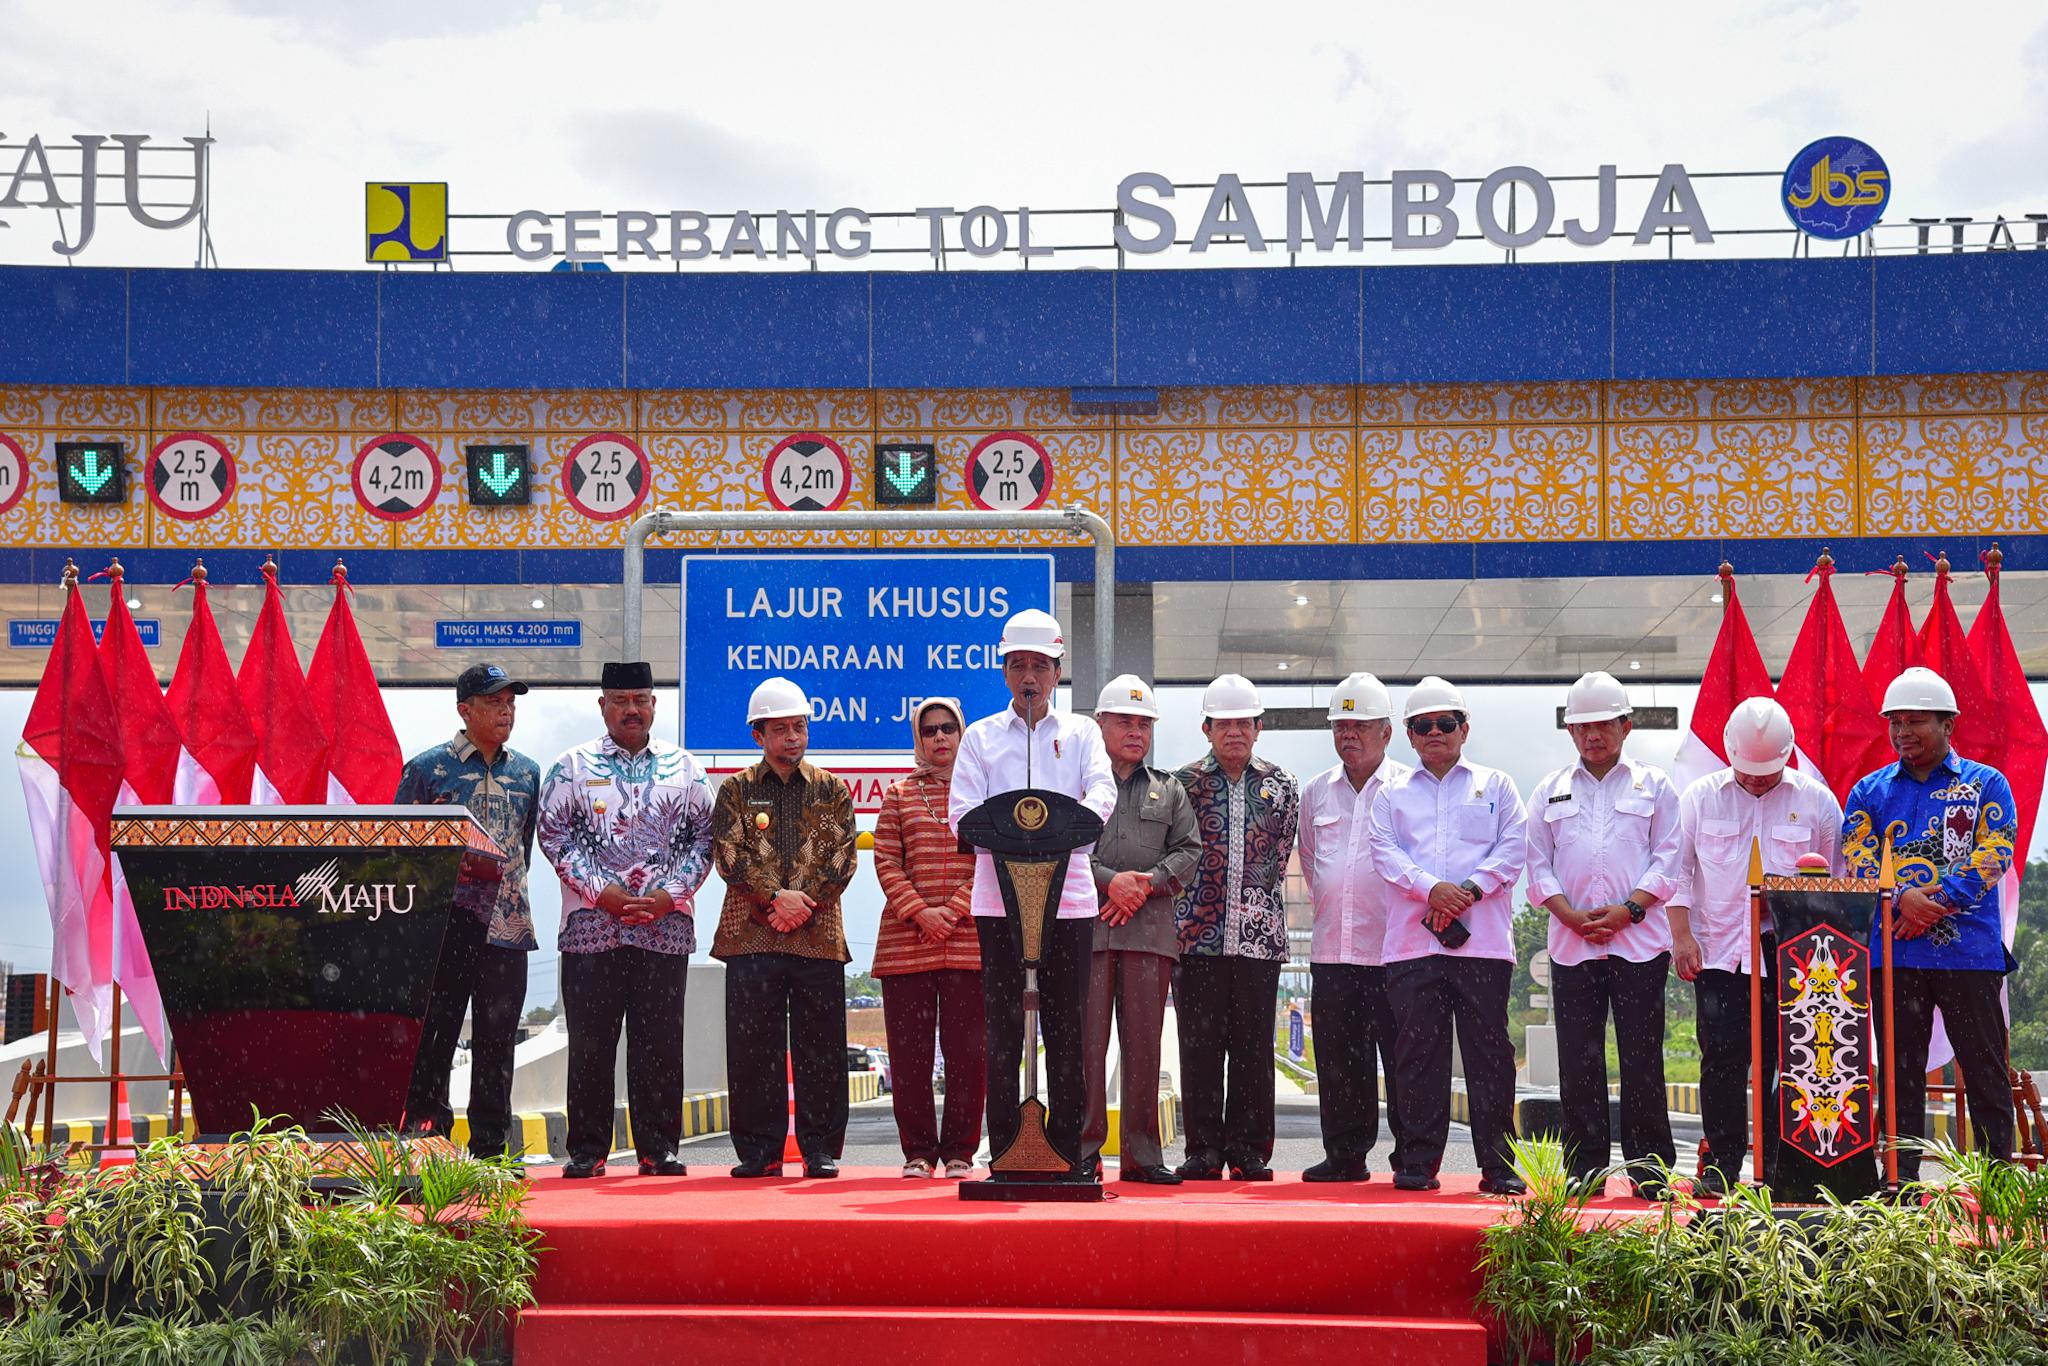 Presiden Jokowi Resmikan Jalan Tol Balikpapan-Samarinda Seksi Samboja-Samarinda